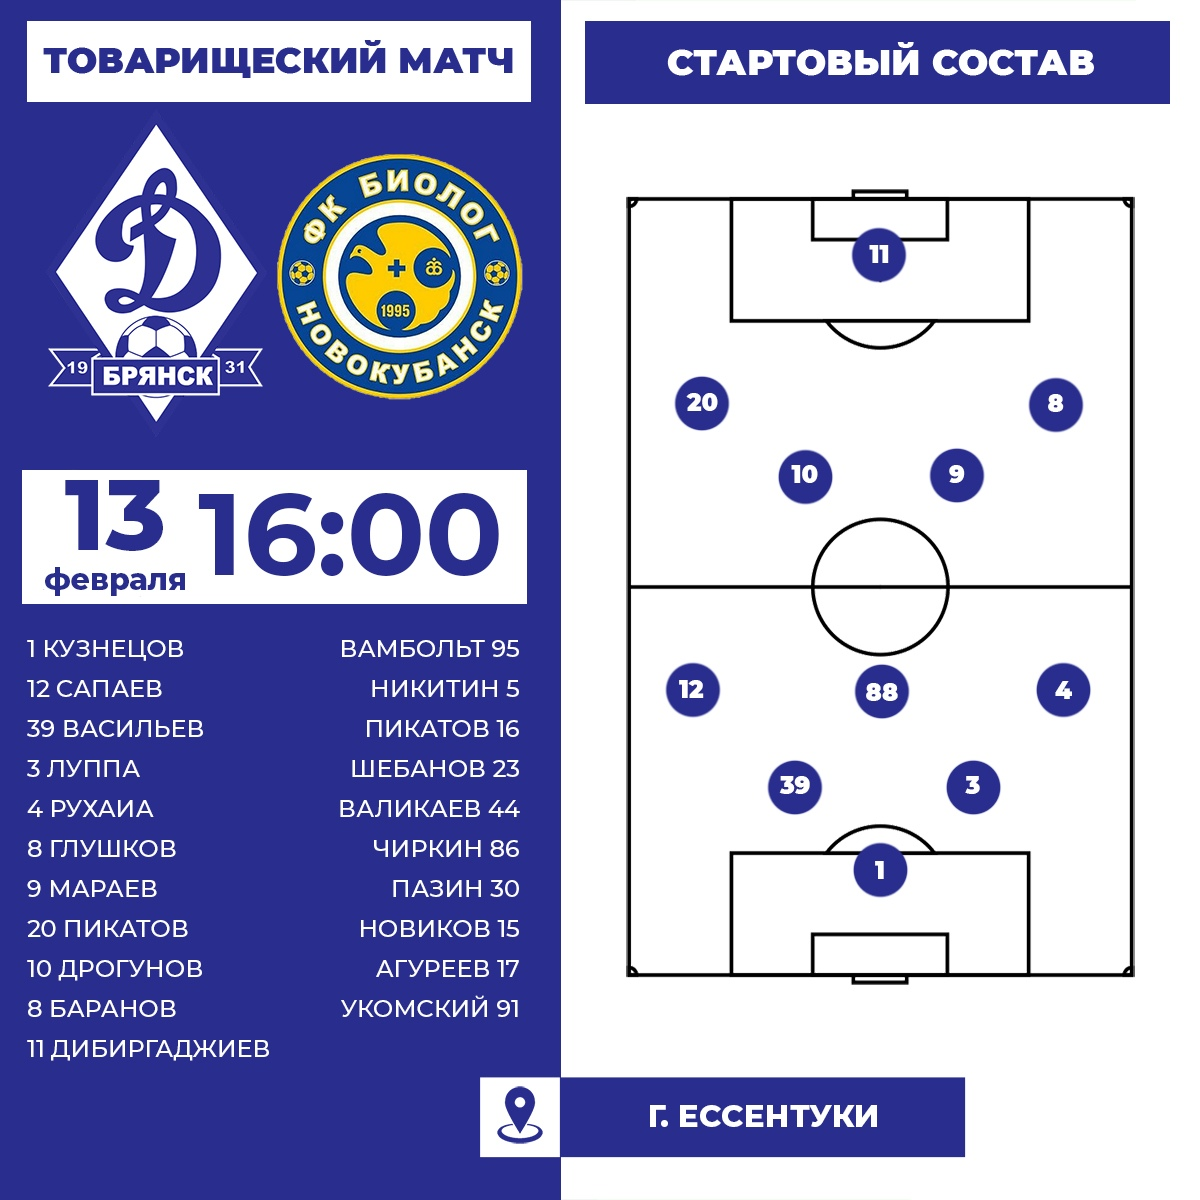 Динамо (Брянск) - Биолог-Новокубанск (Новокубанск) 3:1